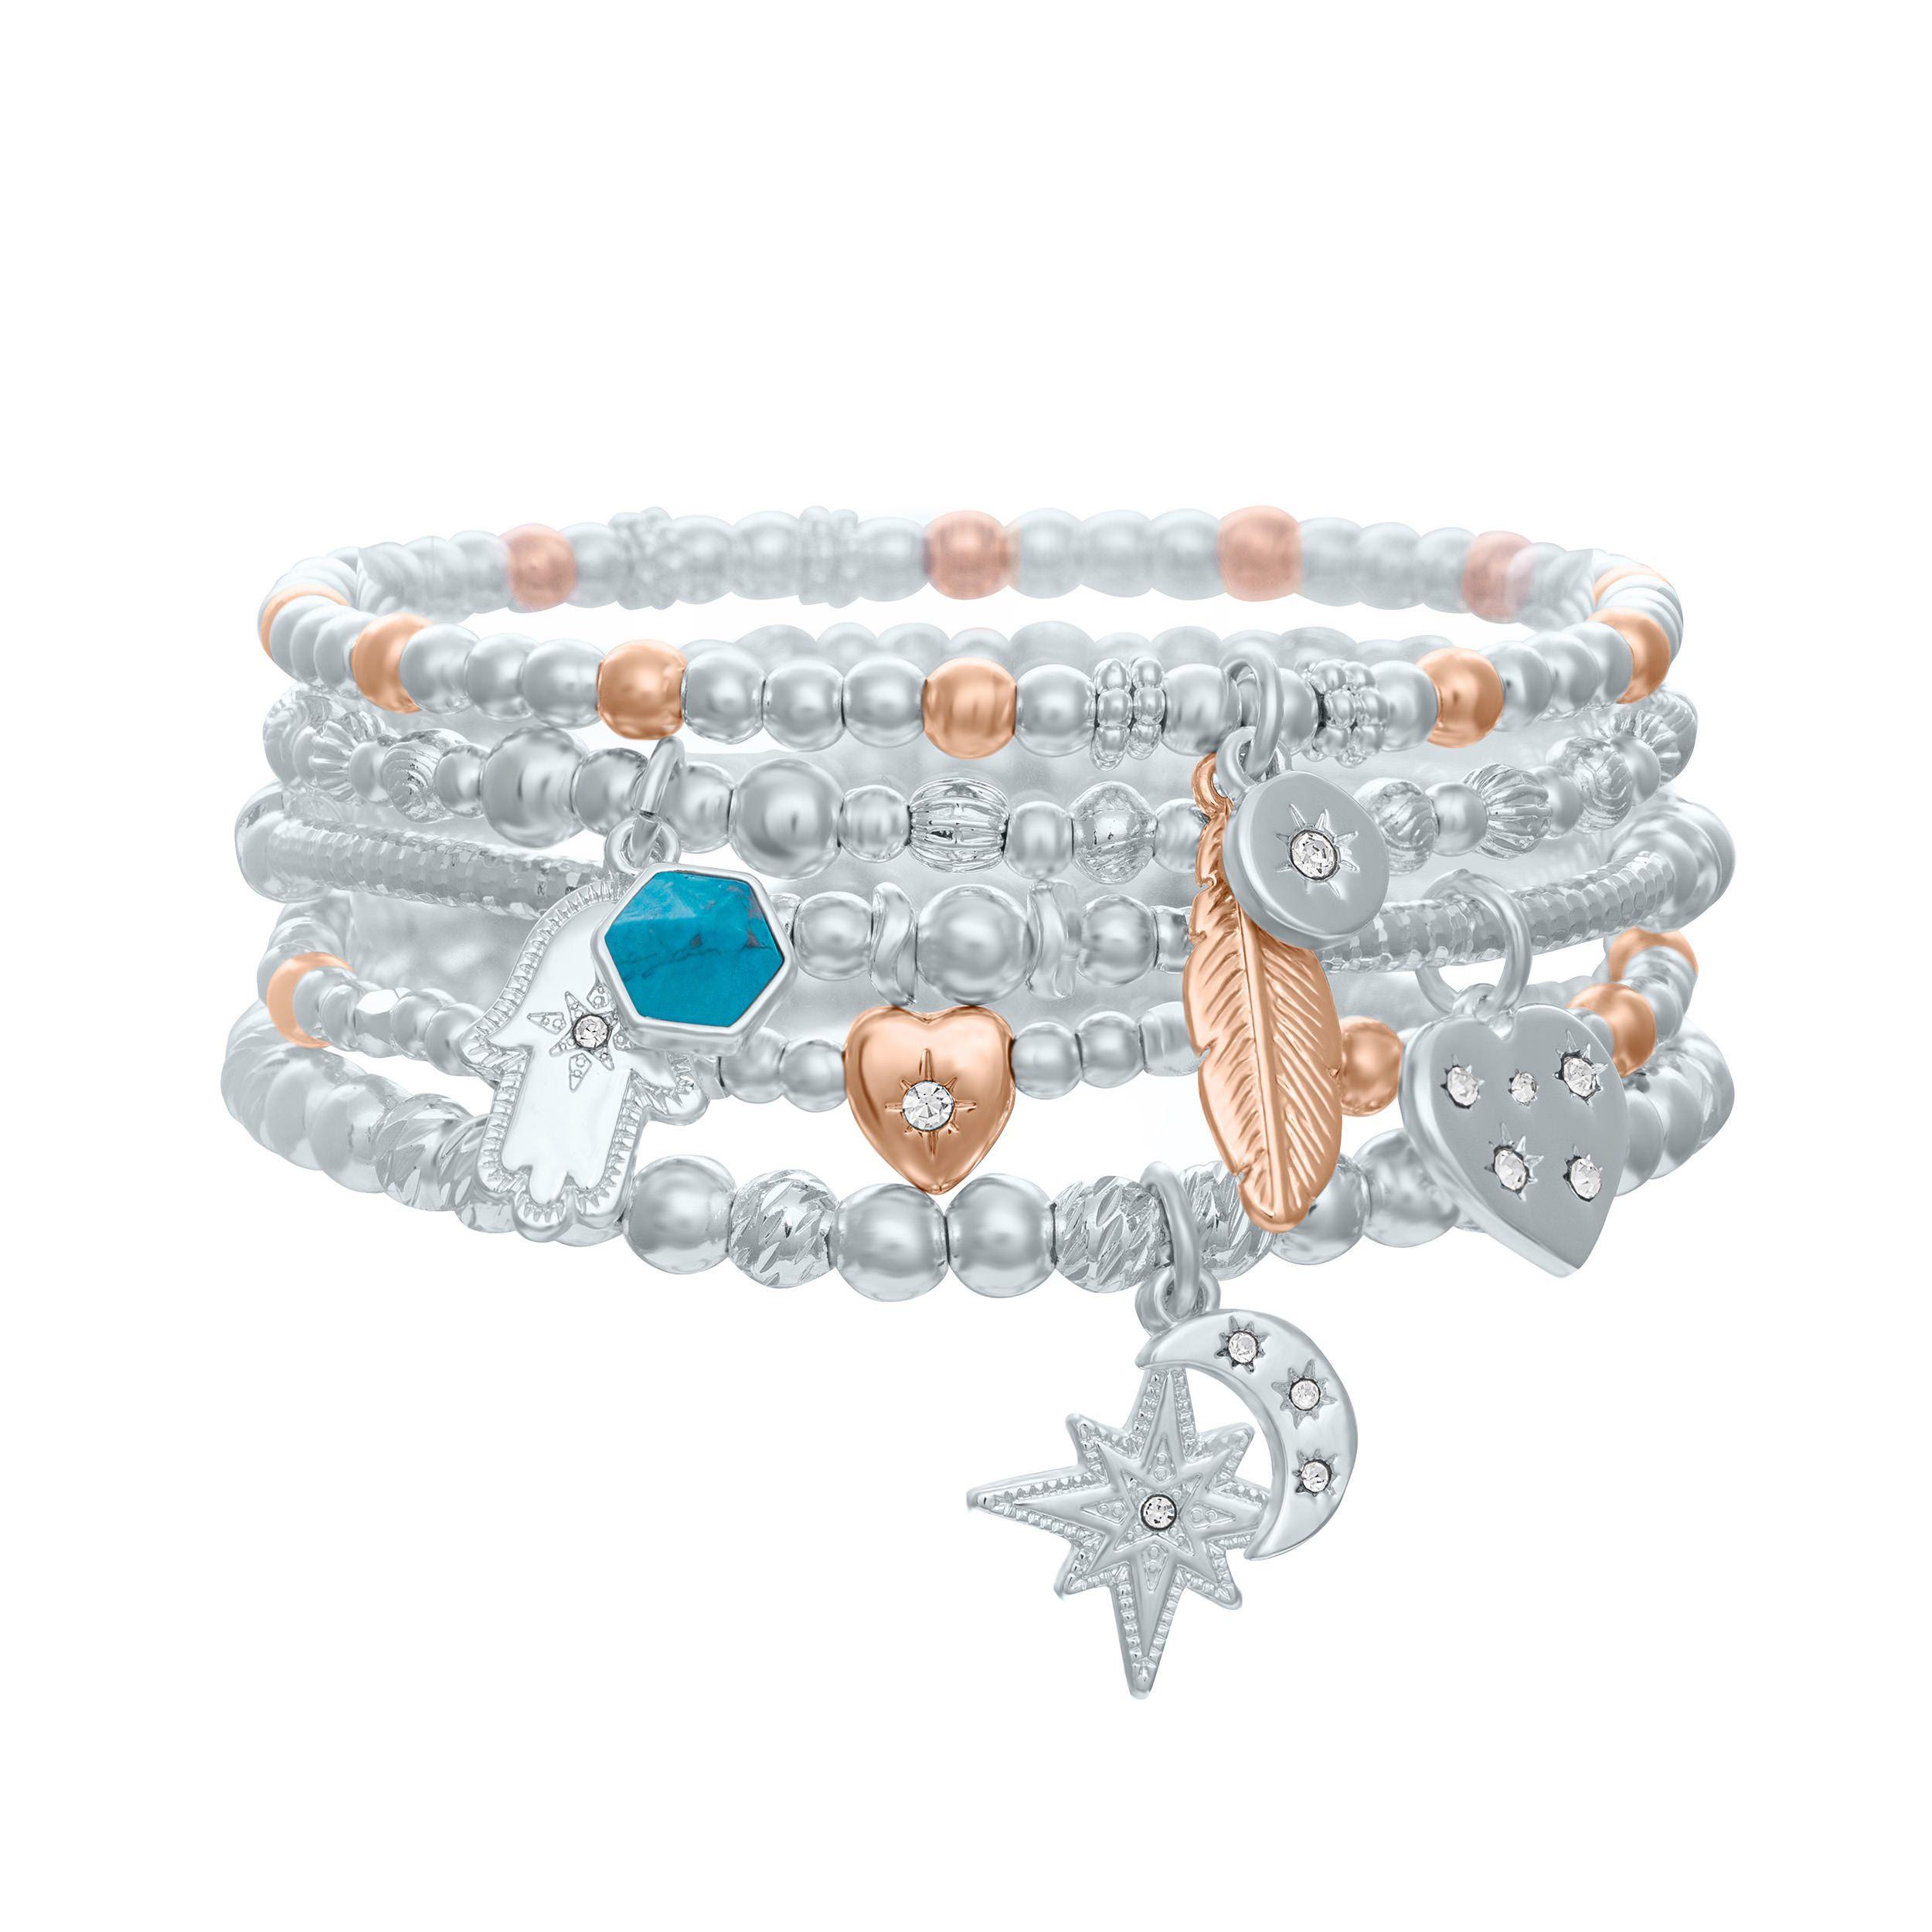 Buckley London Crystal Heart Wish Bracelet